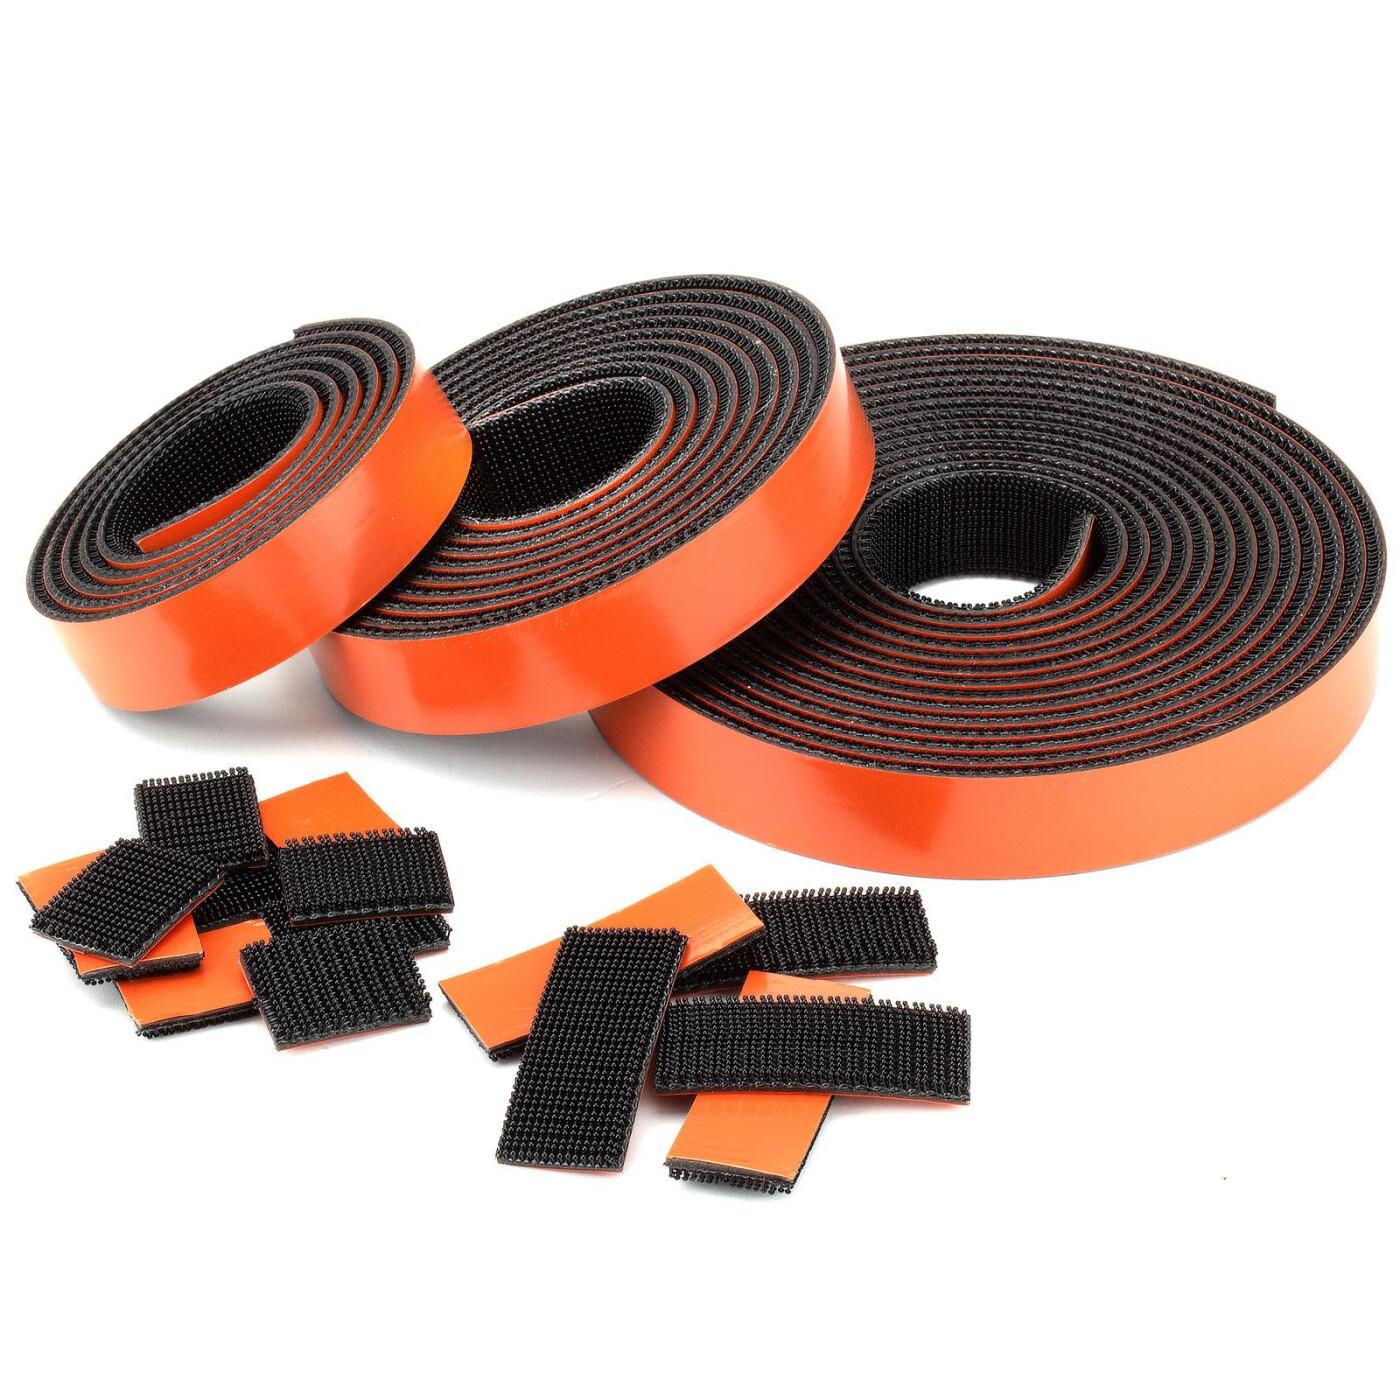 3M Klettband Dual Lock DL400 5361 selbstklebend für Lack und Metall 4 Meter